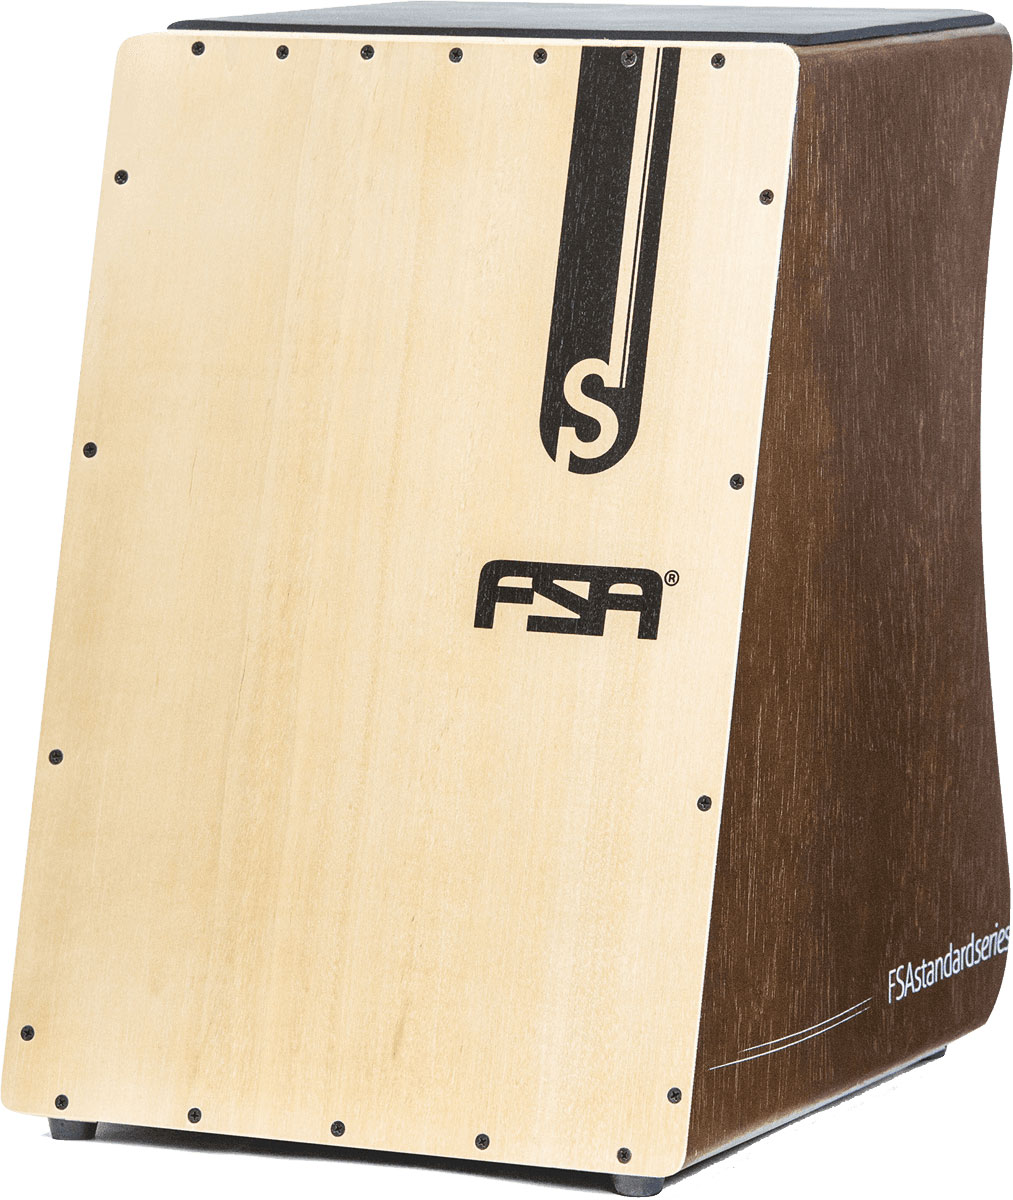 Fsa Fs2508 - Cajon Standard Tabac